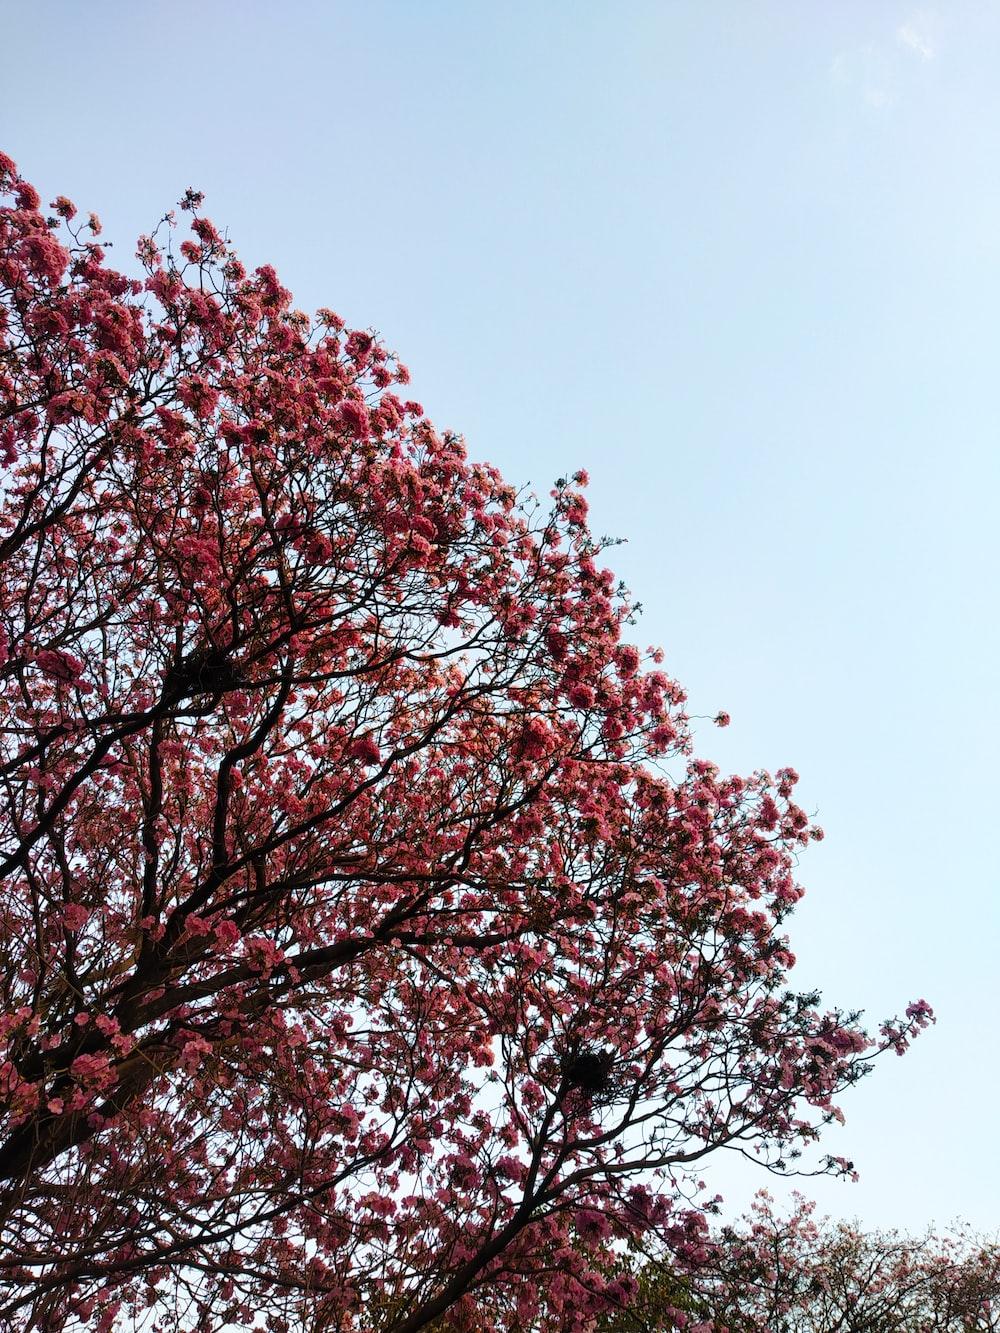 red leaf tree under blue sky during daytime